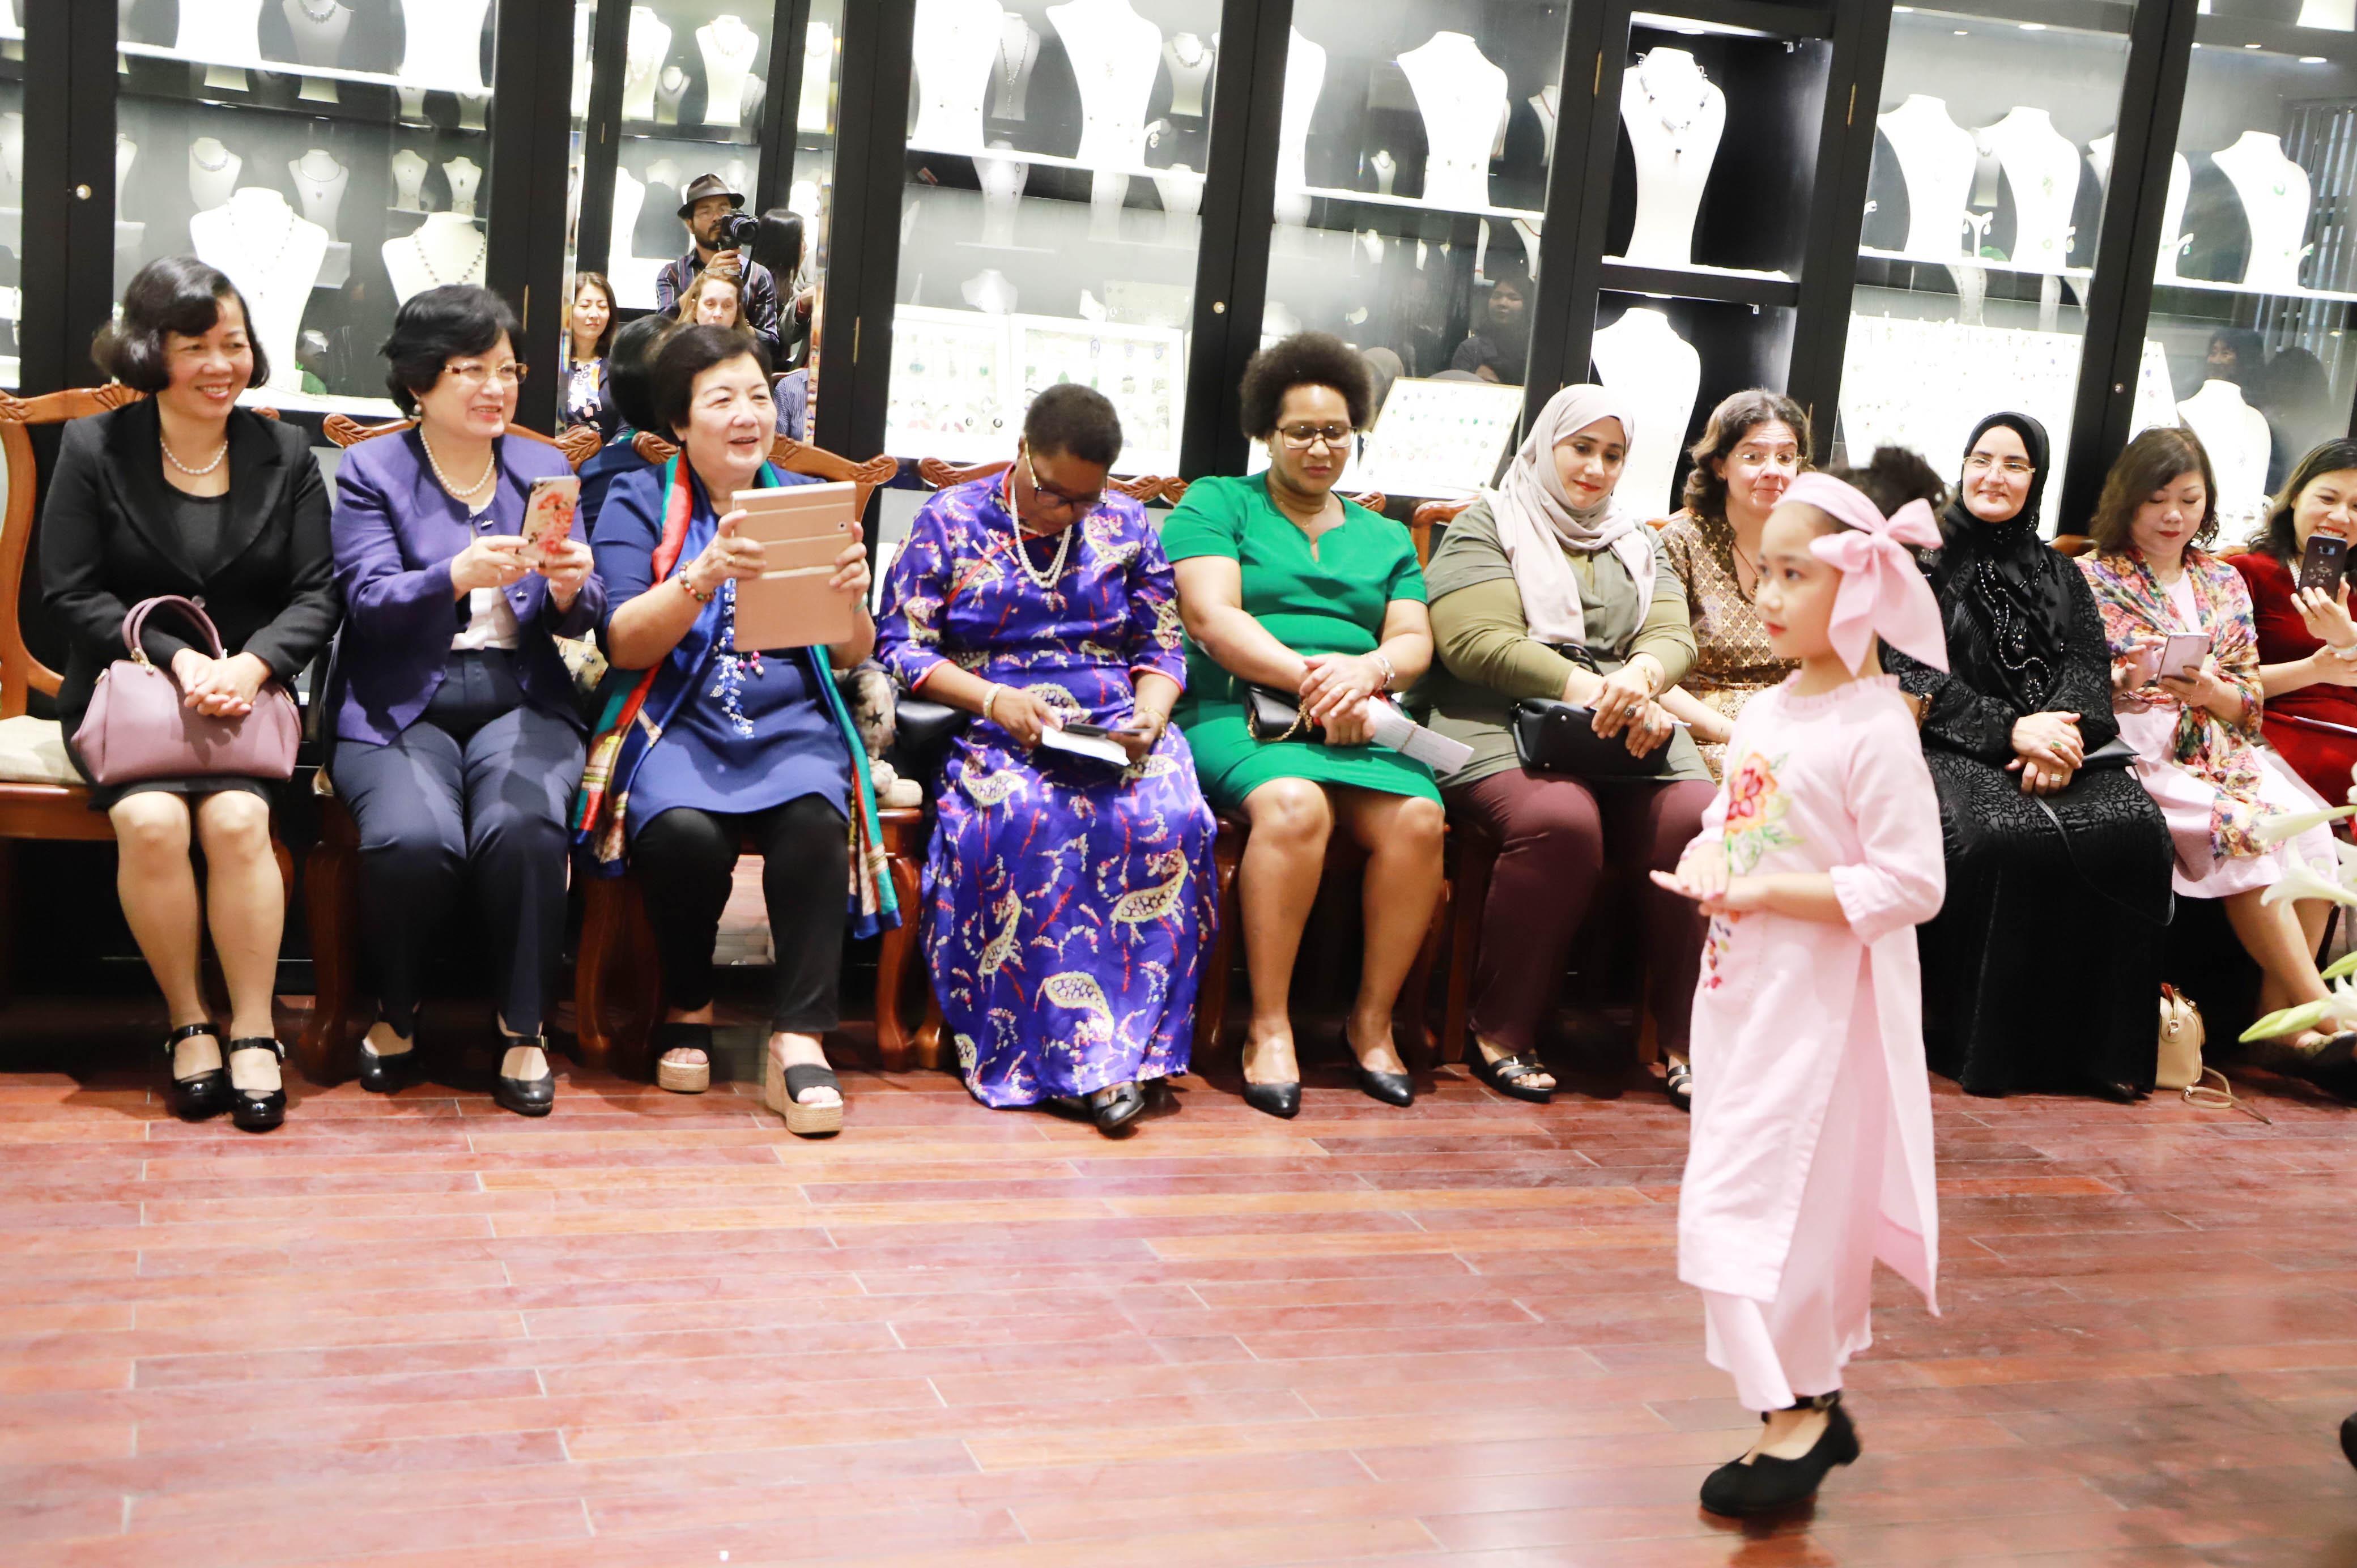 """Đã 20 năm làm nghề, bà mong muốn là cầu nối đưa hình ảnh áo dài Việt Nam từ những người phụ nữ Việt Nam cần mẫn đến phụ nữ thế giới với thông điệp: """"Những người phụ nữ Việt Nam chúng tôi tuy ở nông thôn hay thành thị, ở vùng cao hay ở miền xuôi đều có những đôi bàn tay khéo léo mang cuộc sống an nhiên vào điểm tô từng tác phẩm thời trang. Chúng tôi cố gắng bảo tồn, phát huy giá trị truyền thống của mỗi làng nghề bền vững hơn. Đó là những nhịp cầu du lịch làm bạn bè quốc tế, du khách yêu hơn đất nước Việt Nam""""."""